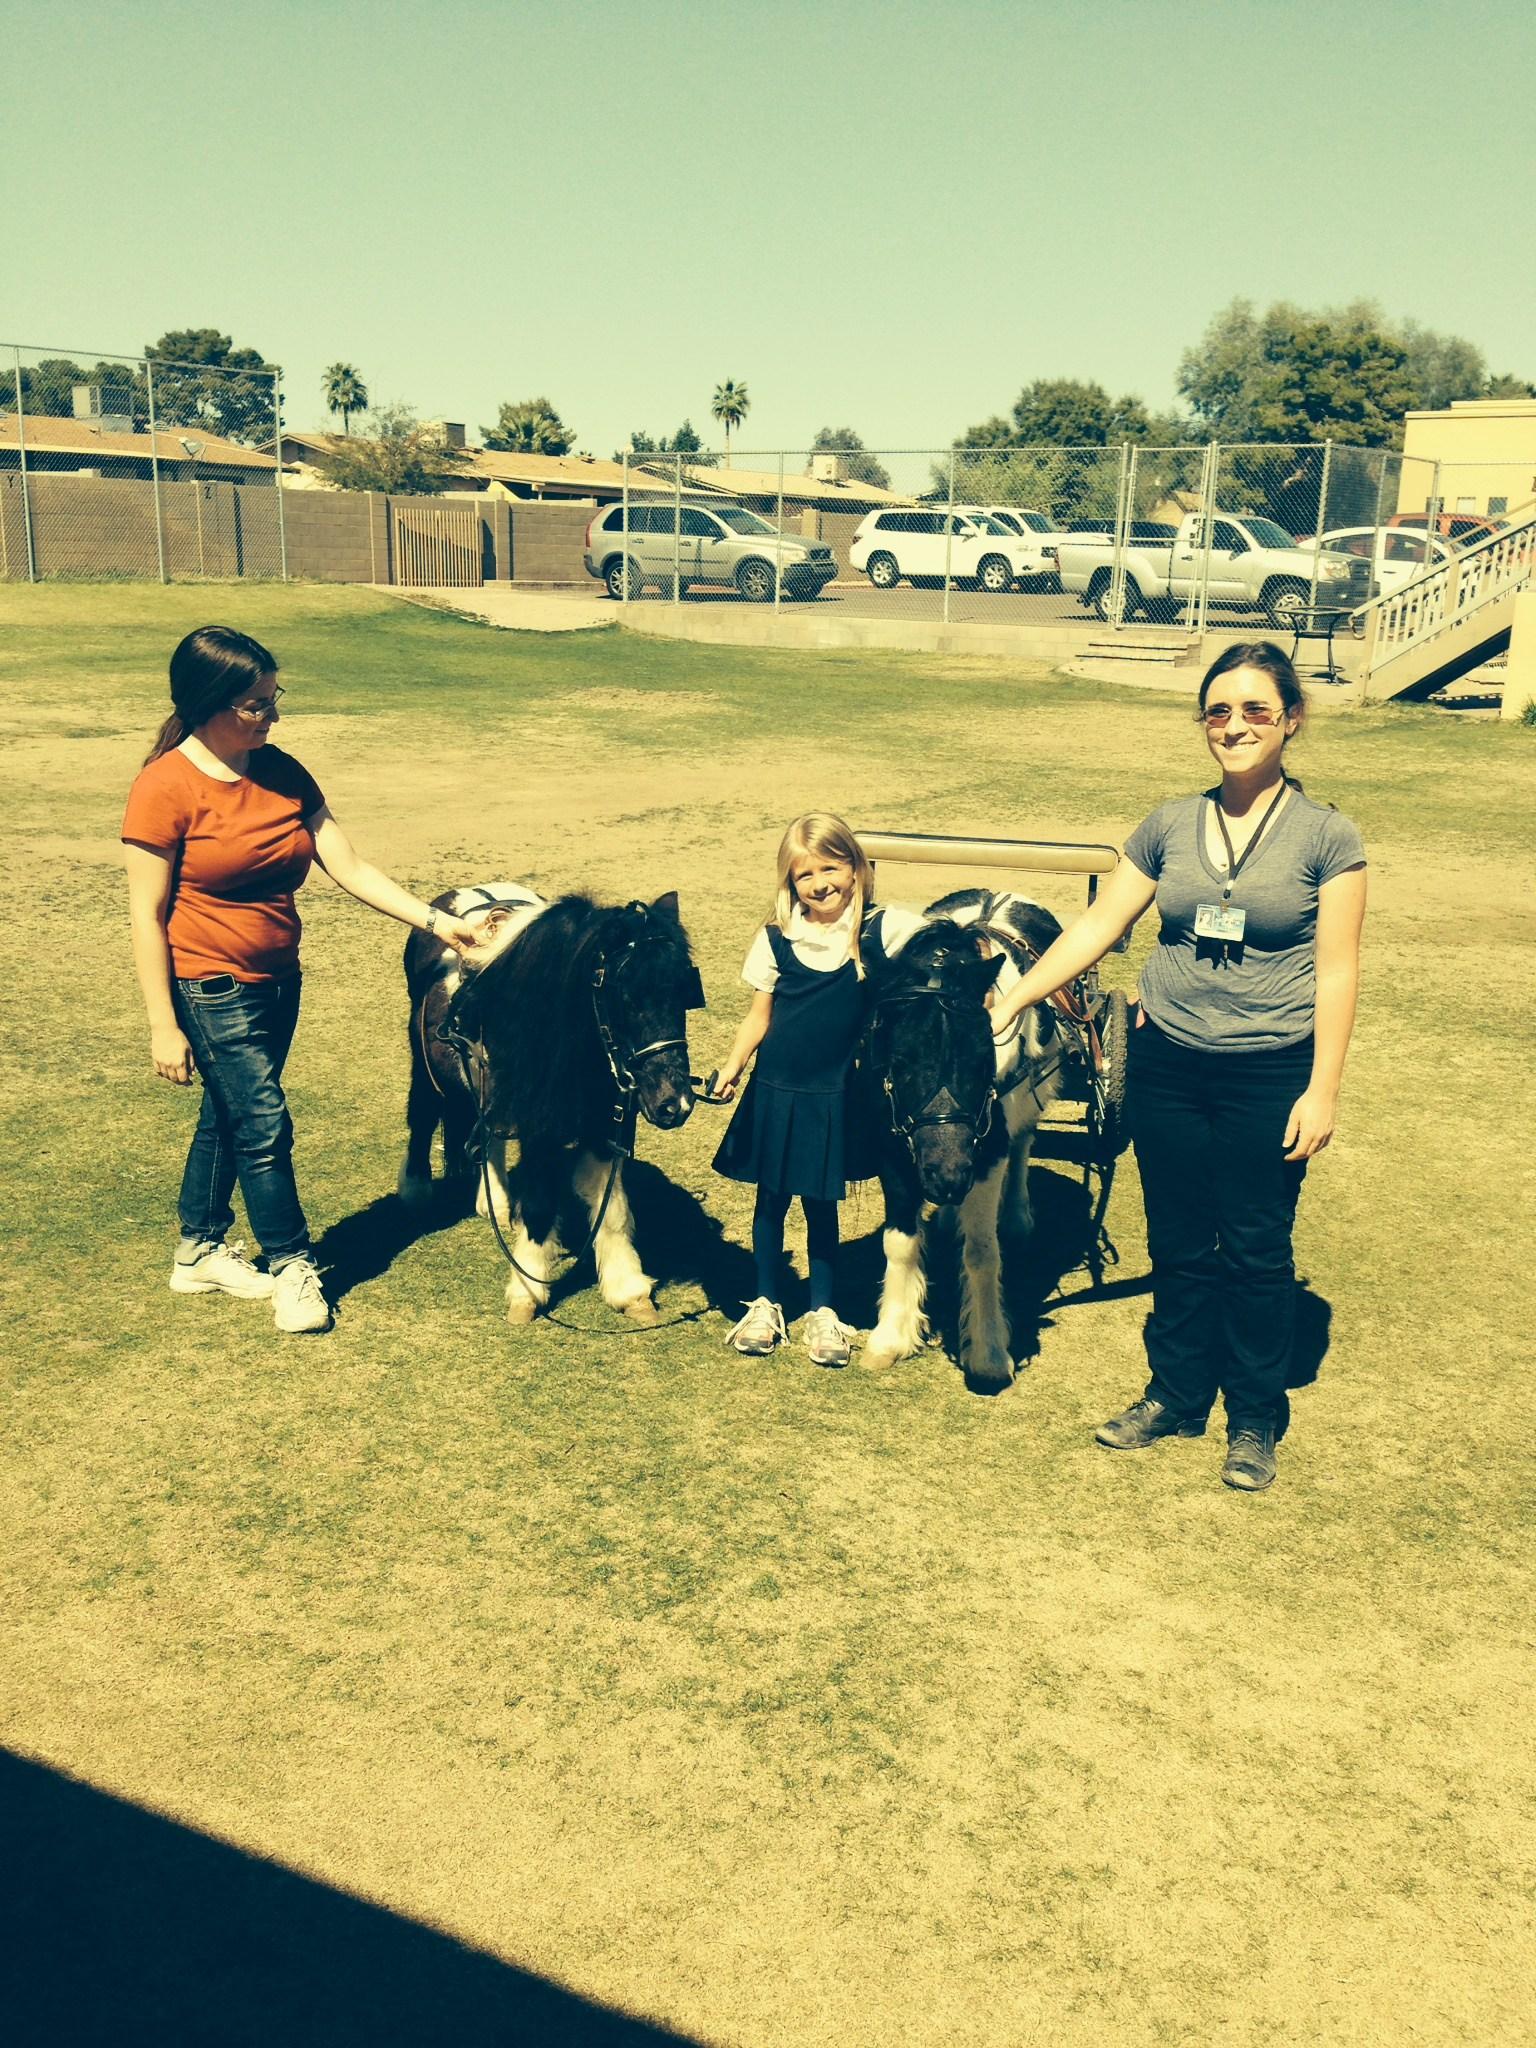 Miniature horses visit campus